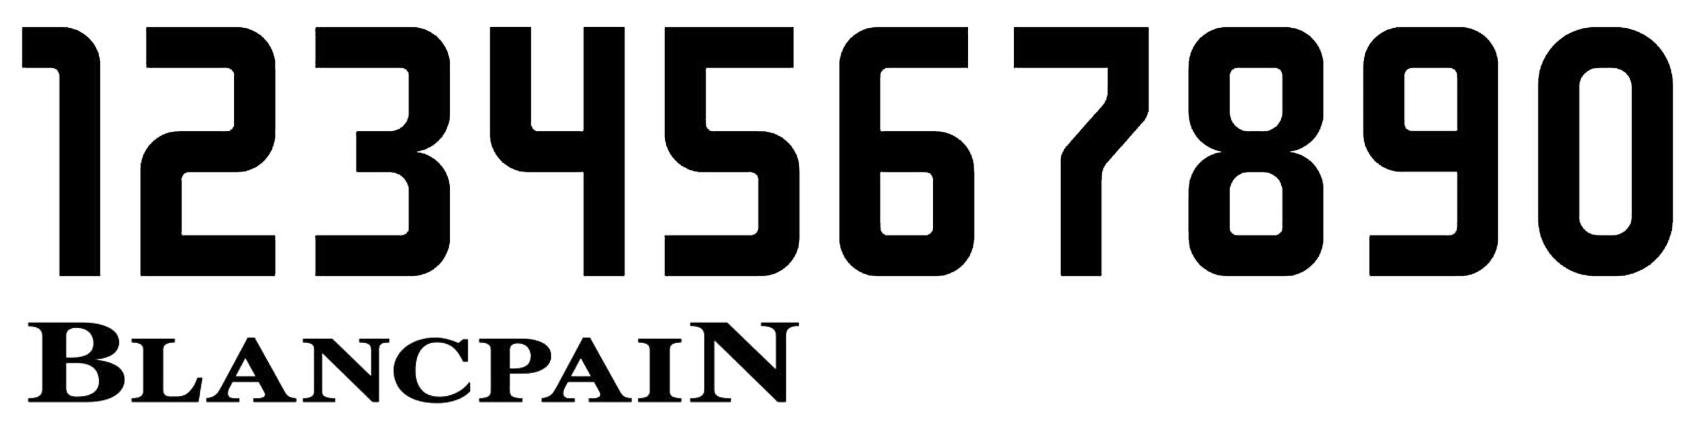 black_numeral_Blancpain.png